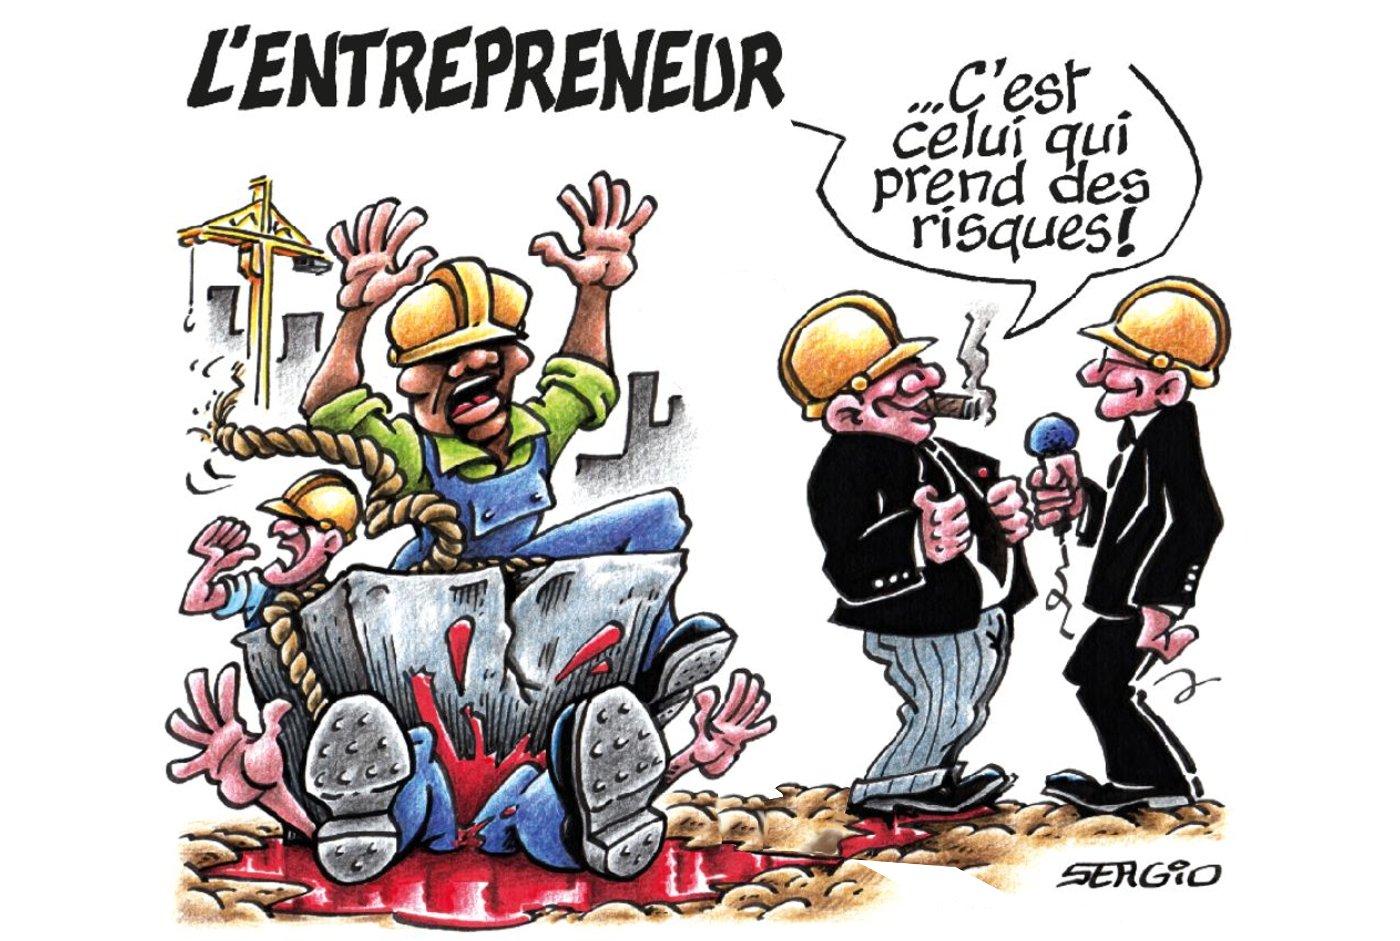 Qui est Emmanuel Macron ? - Page 19 Entrepreneur-prend-des-risques-rapport-lecoq-cnt